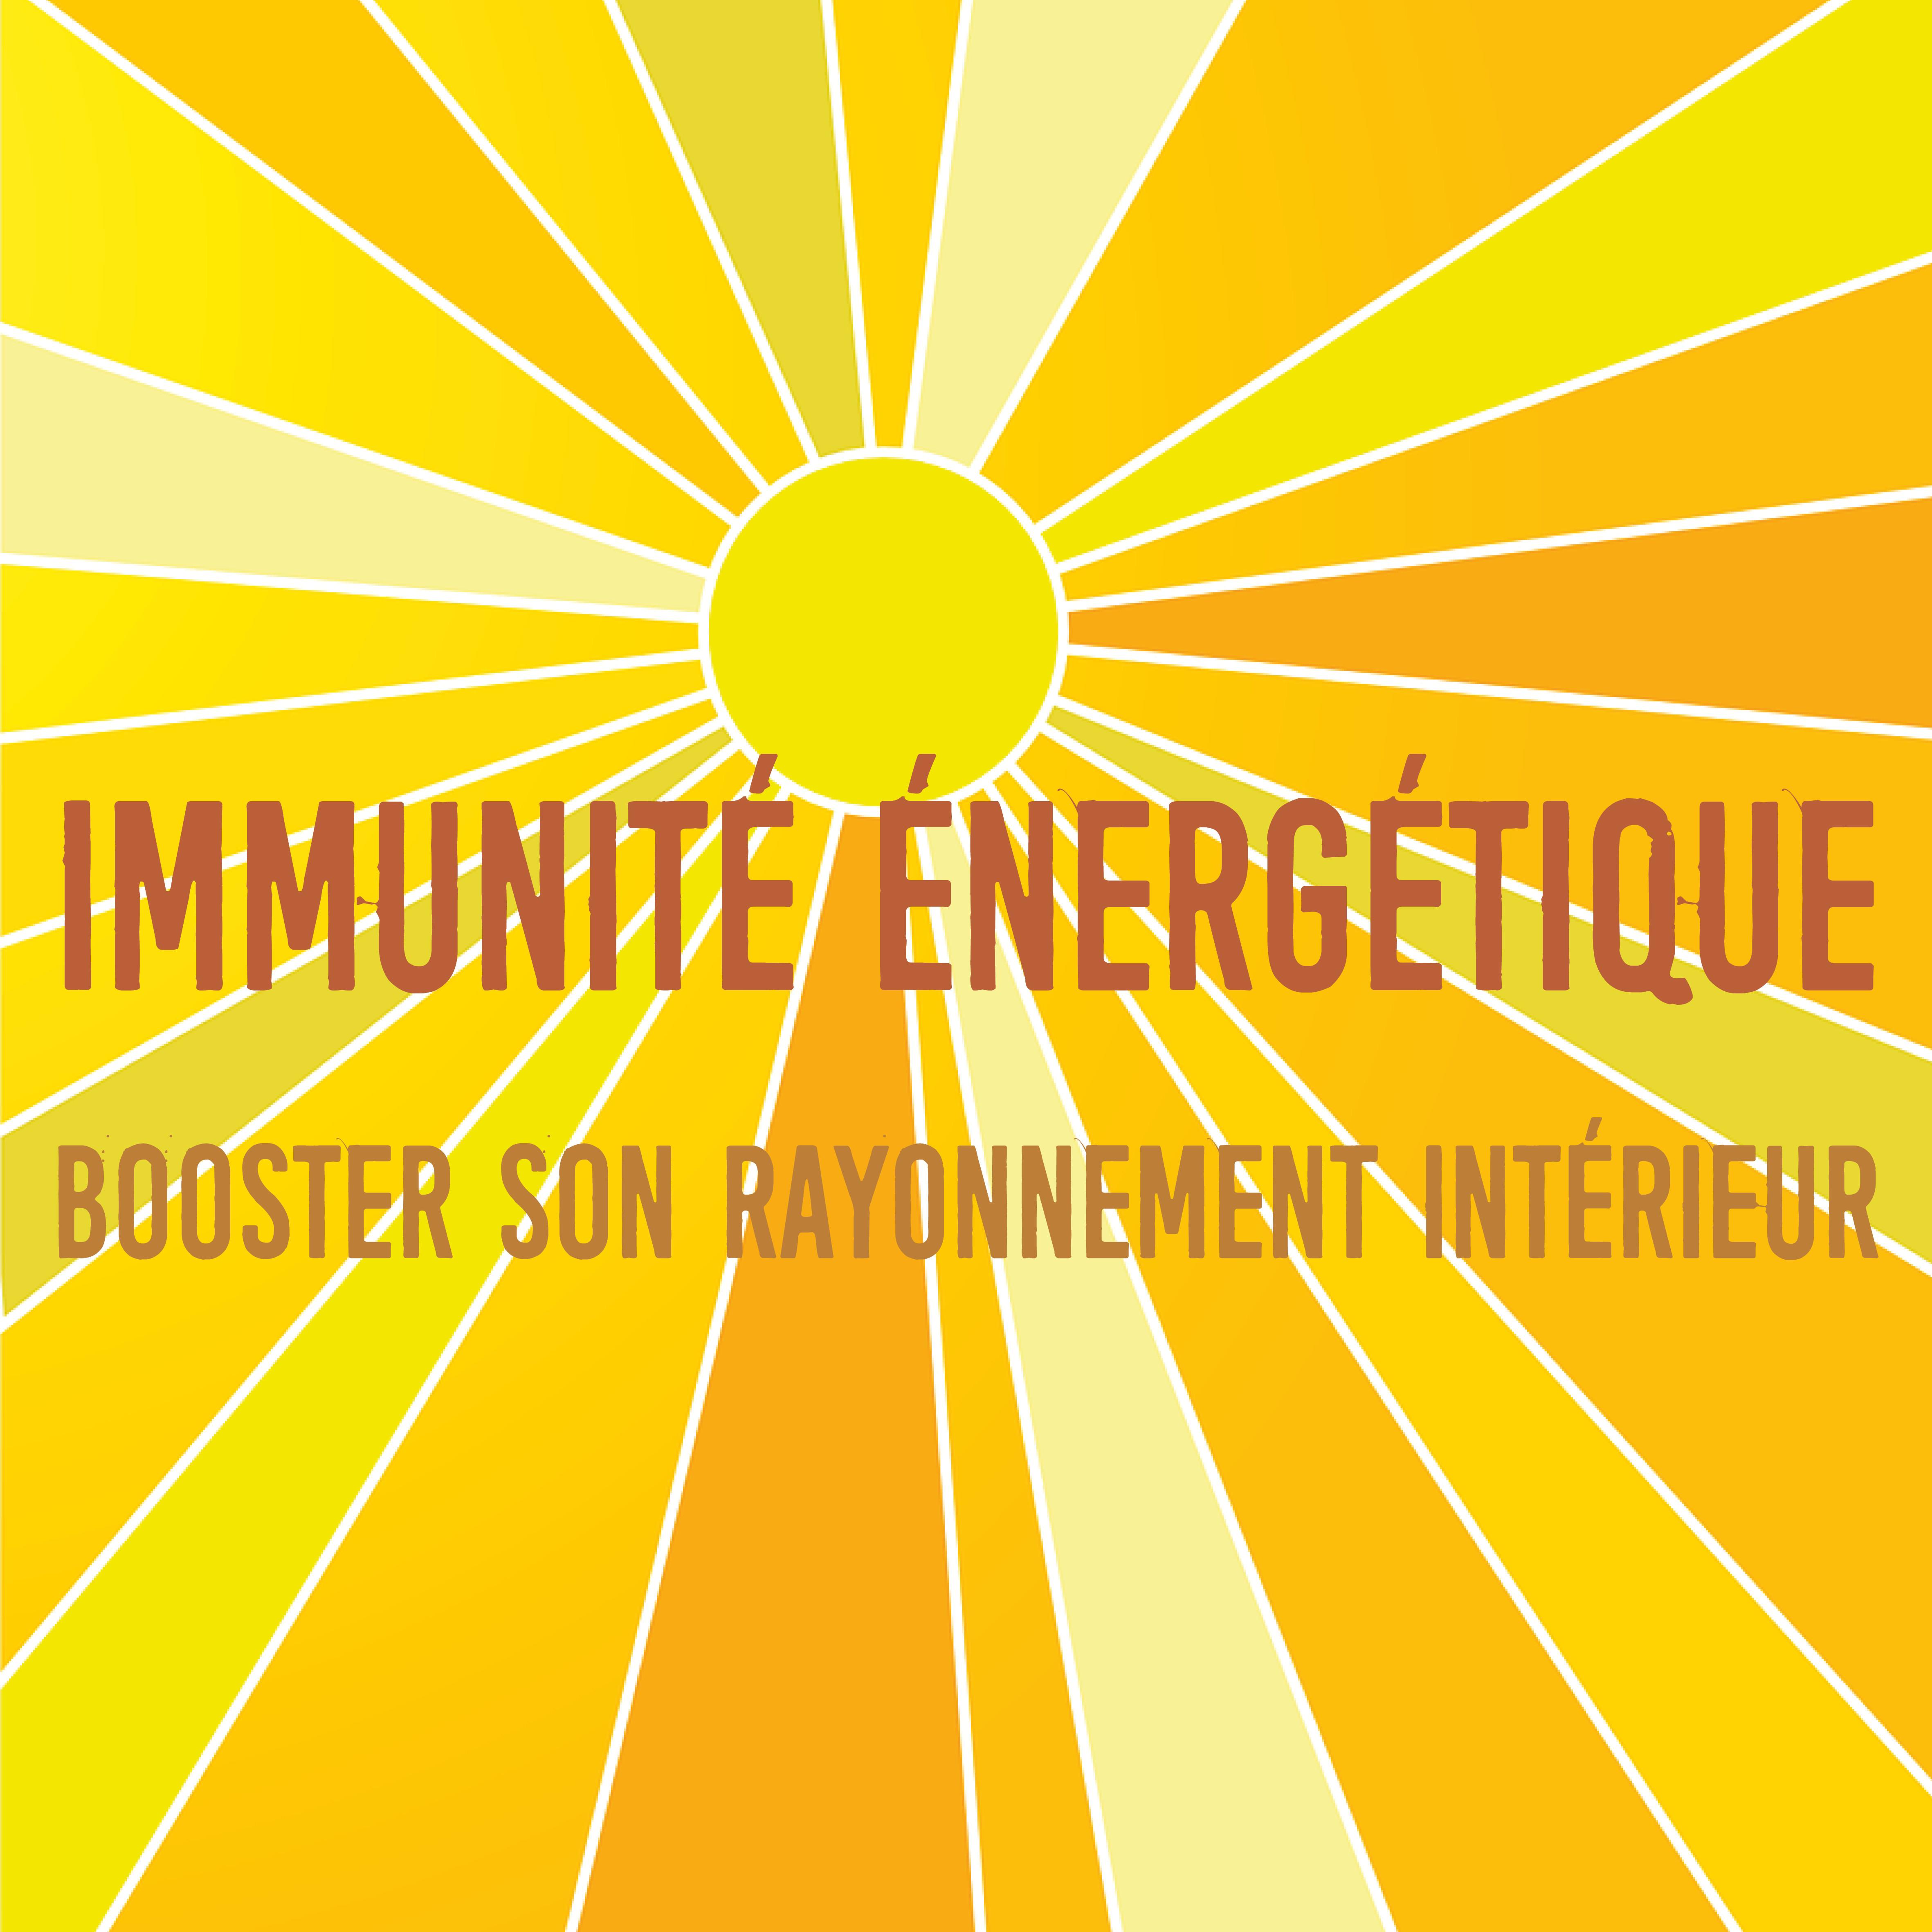 Immunité énergétique